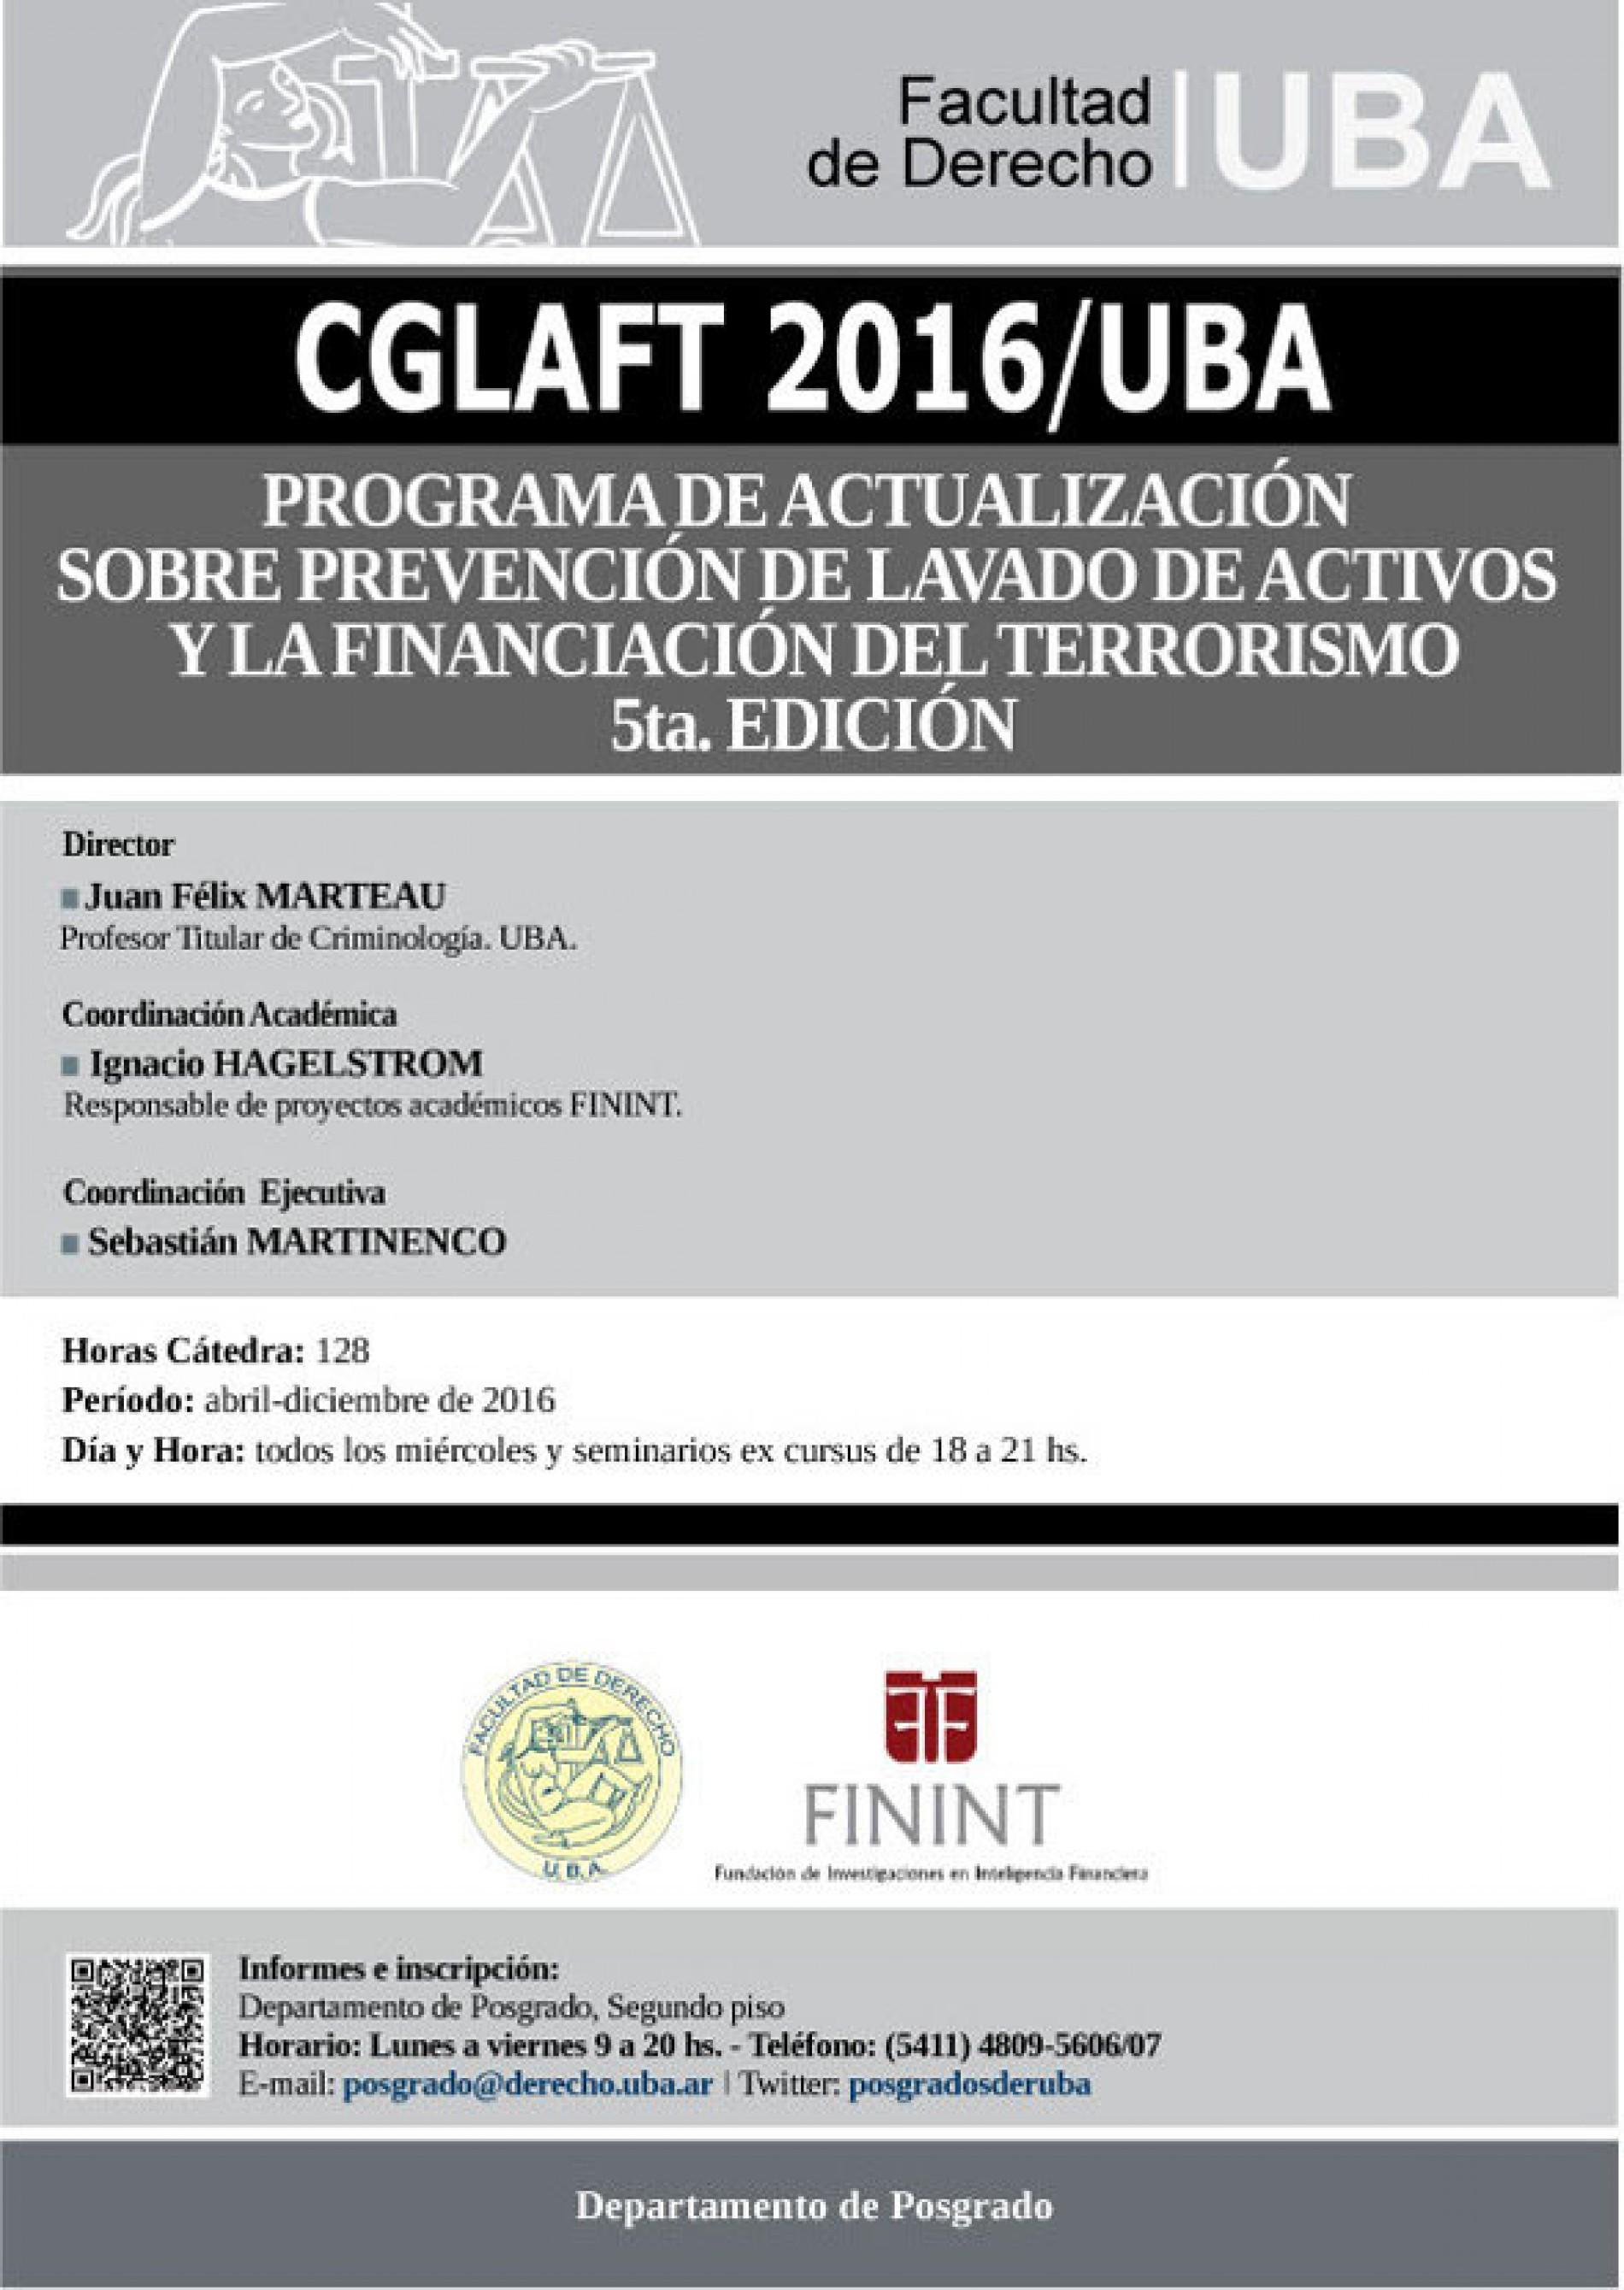 Programa de Actualización sobre Prevención Global de Lavado de Activos y Financiación del Terrorismo